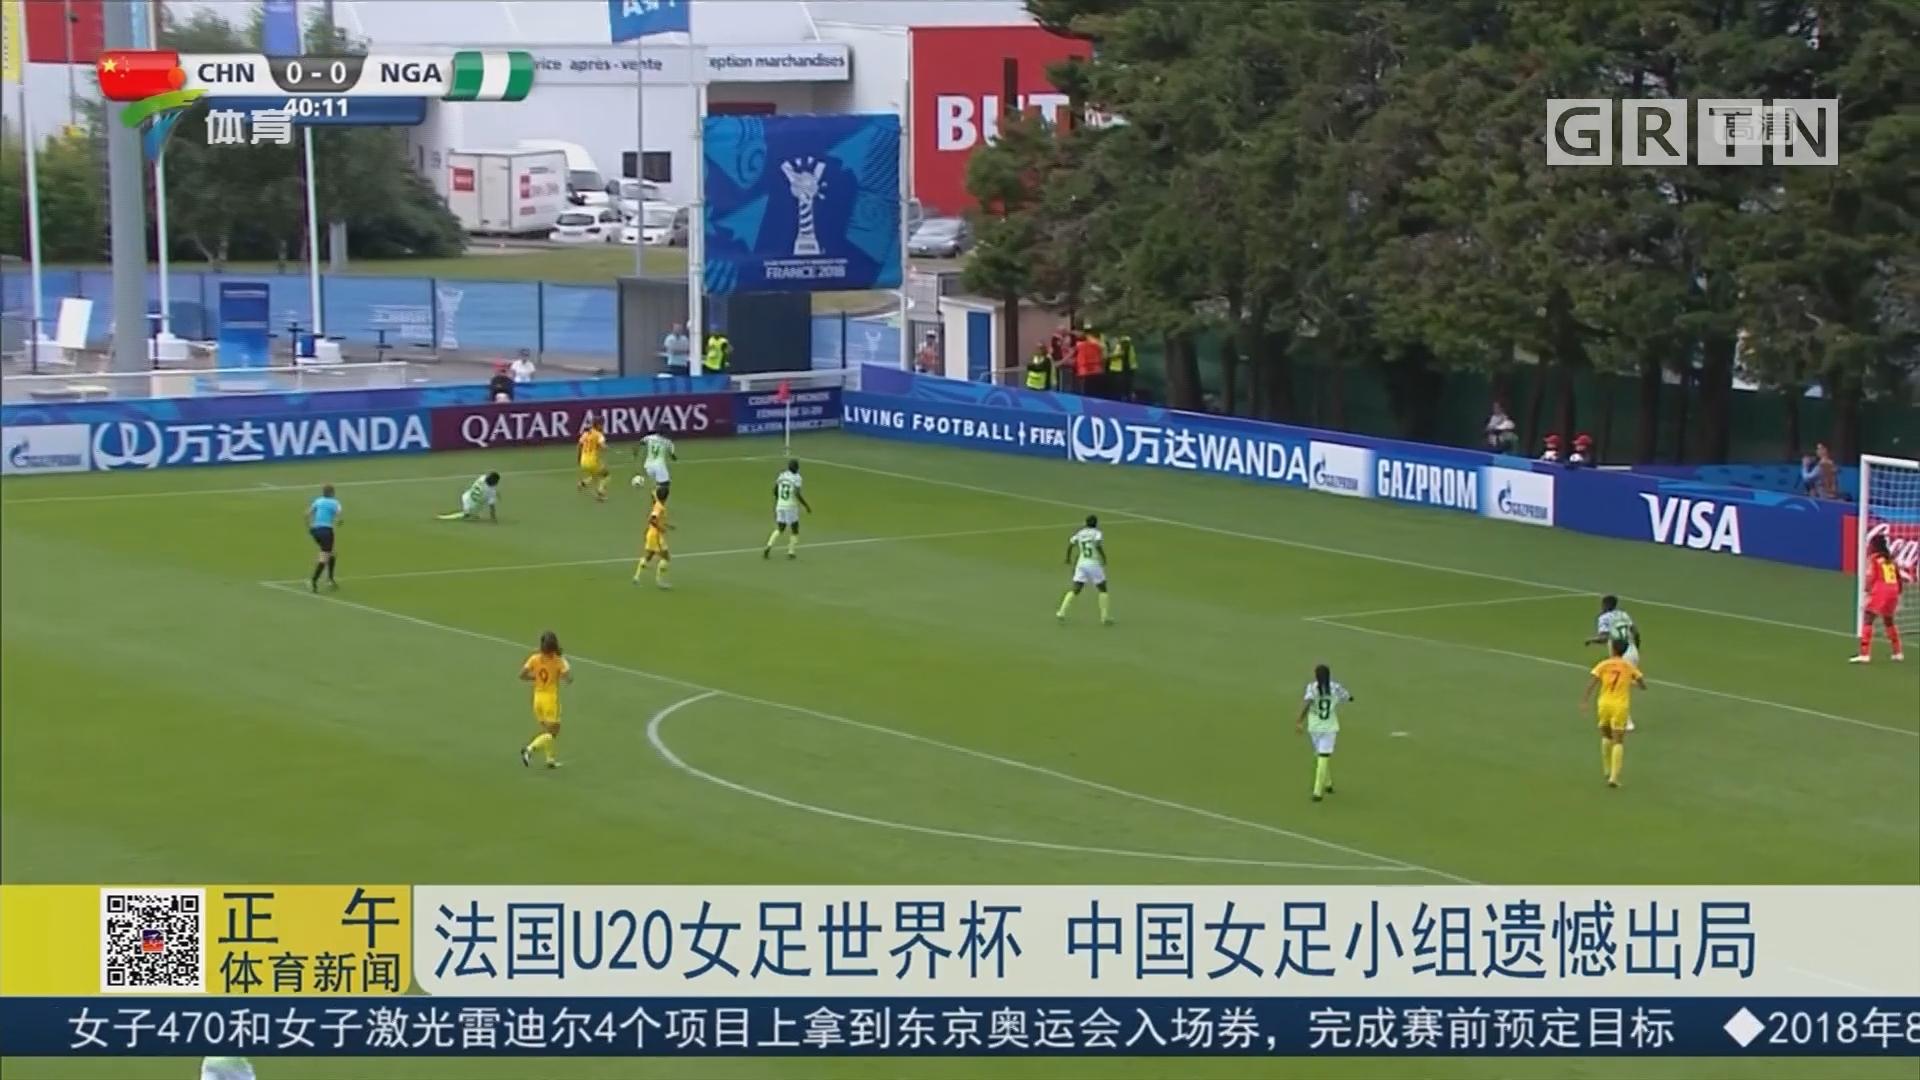 法国U20女足世界杯 中国女足小组遗憾出局